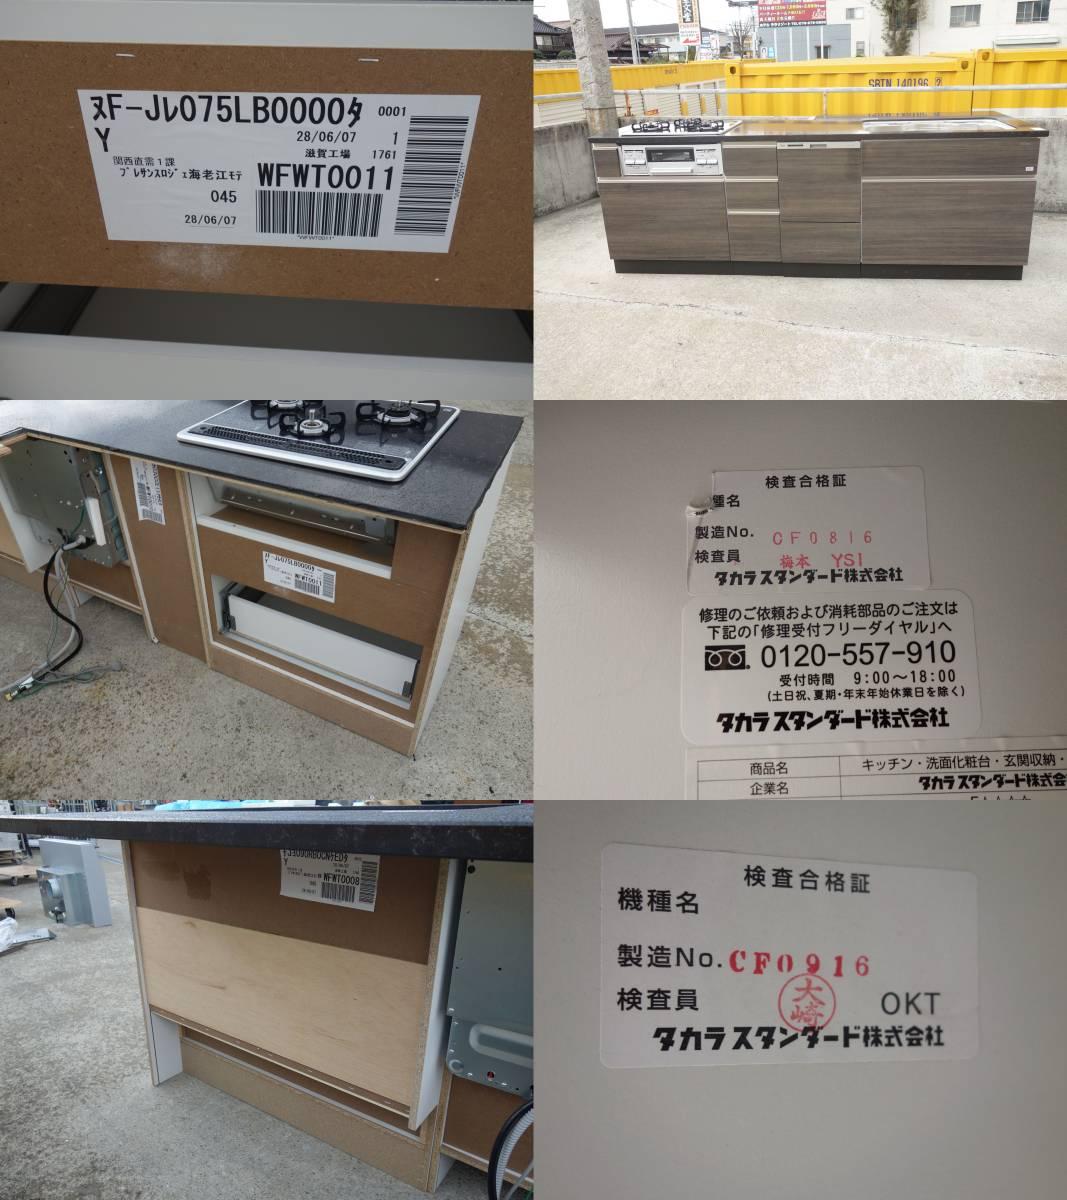 M▽タカラスタンダード システムキッチン ガスコンロ レンジフード 食器洗い乾燥機 W2440 (03208)_画像6